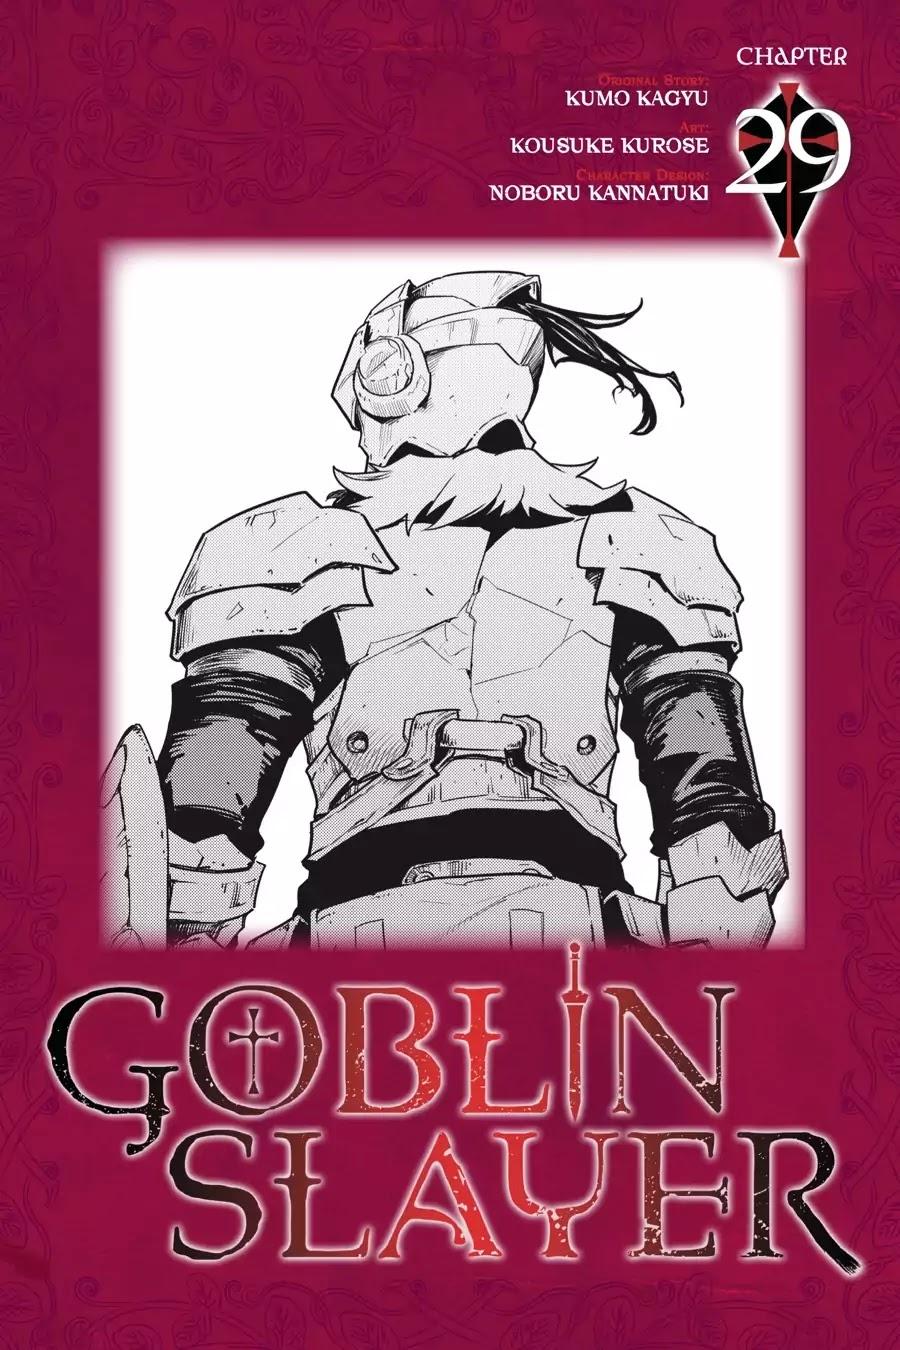 goblin slayer wiki elves,rhea goblin slayer,goblin slayer spearman,goblin slayer episode 1 wiki,goblin slayer rating,goblin slayer season 1,goblin slayer ep 1,goblin slayer crunchyroll,goblin slayer episode 1,vol 2 light novel,goblin slayer review,goblin slayer: goblin crown full movie,goblin slayer meme,goblin slayer chosen heroine,goblin slayer imdb,goblin slayer season 2,goblin slayer anime season 2,movie goblin slayer goblin's crown,goblin slayer recommendation,watch goblin slayer 1,goblin slayer episodes,